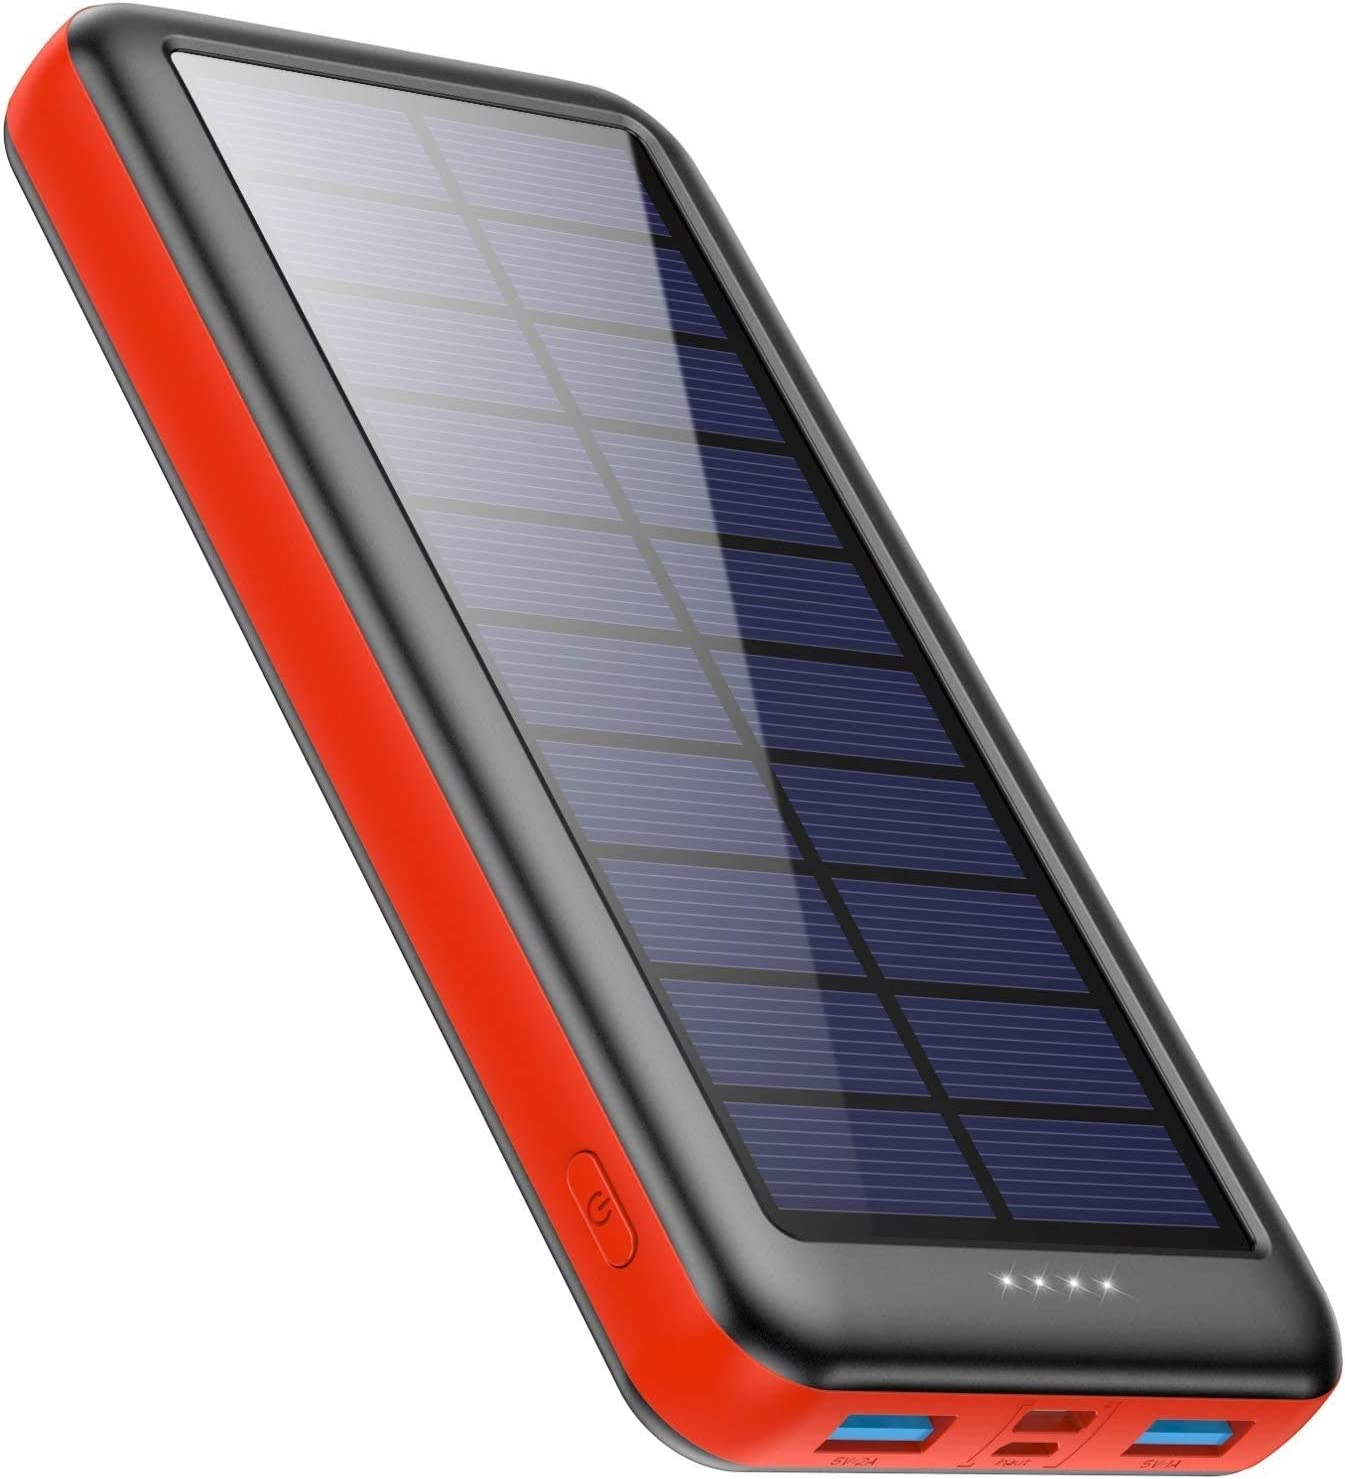 Ekrist Cargador Solar 26800mAh, Batería Externa Solar de Carga Rápida con 3 Entradas【Panel Solar/Tipo C/Mirco USB】 Power Bank Solar Cargador Portatil para iPhone Samsung Android Móviles Tableta